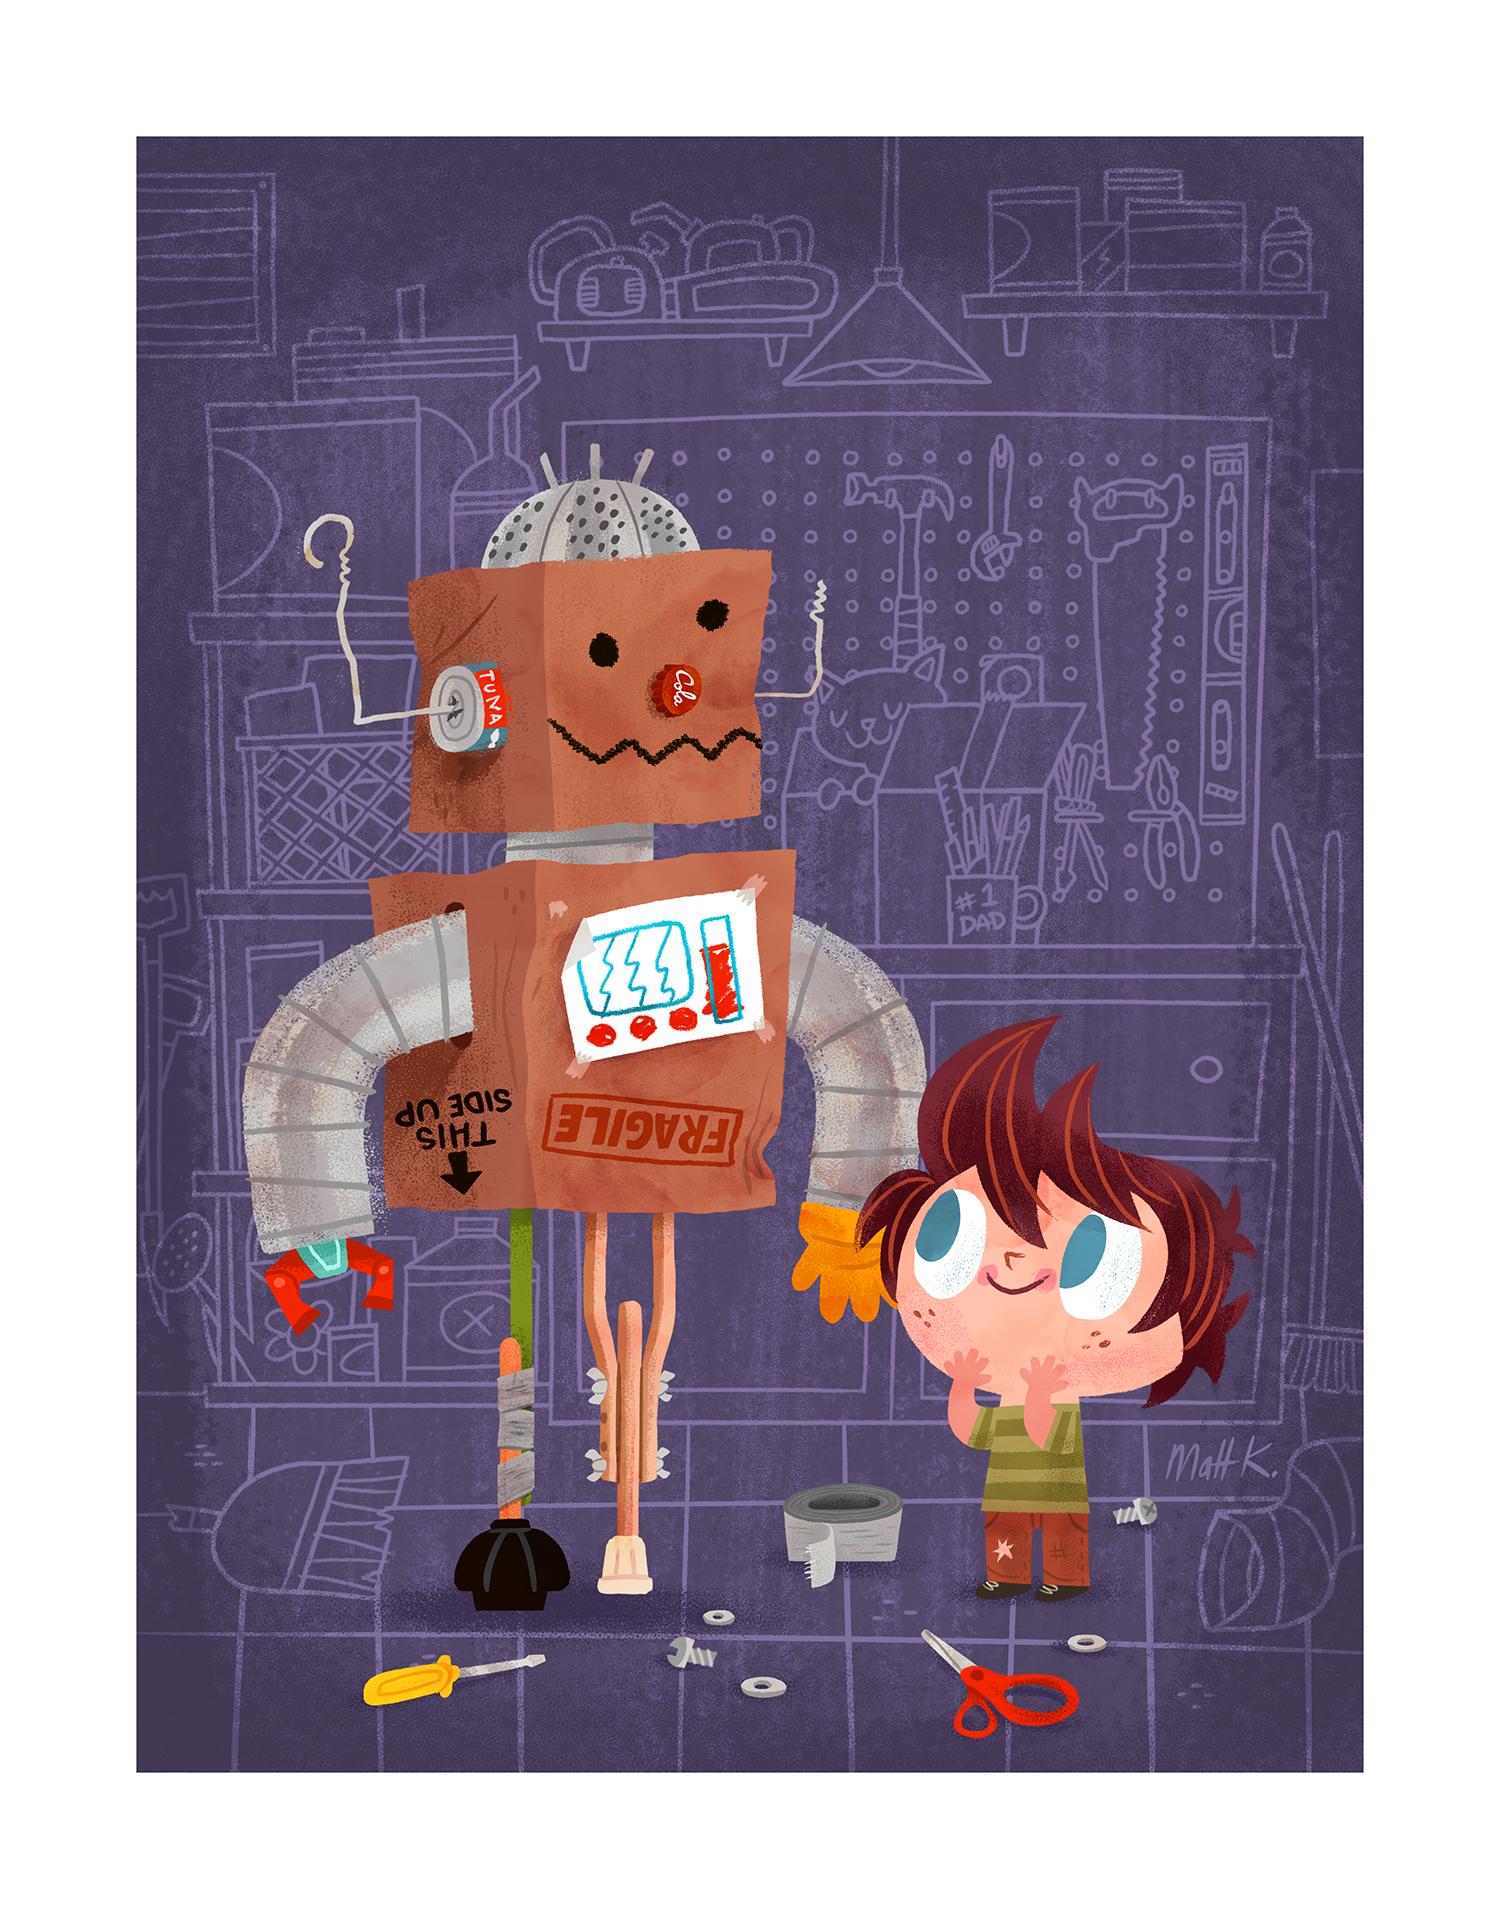 'Building Friendship' by Matt Kaufenberg